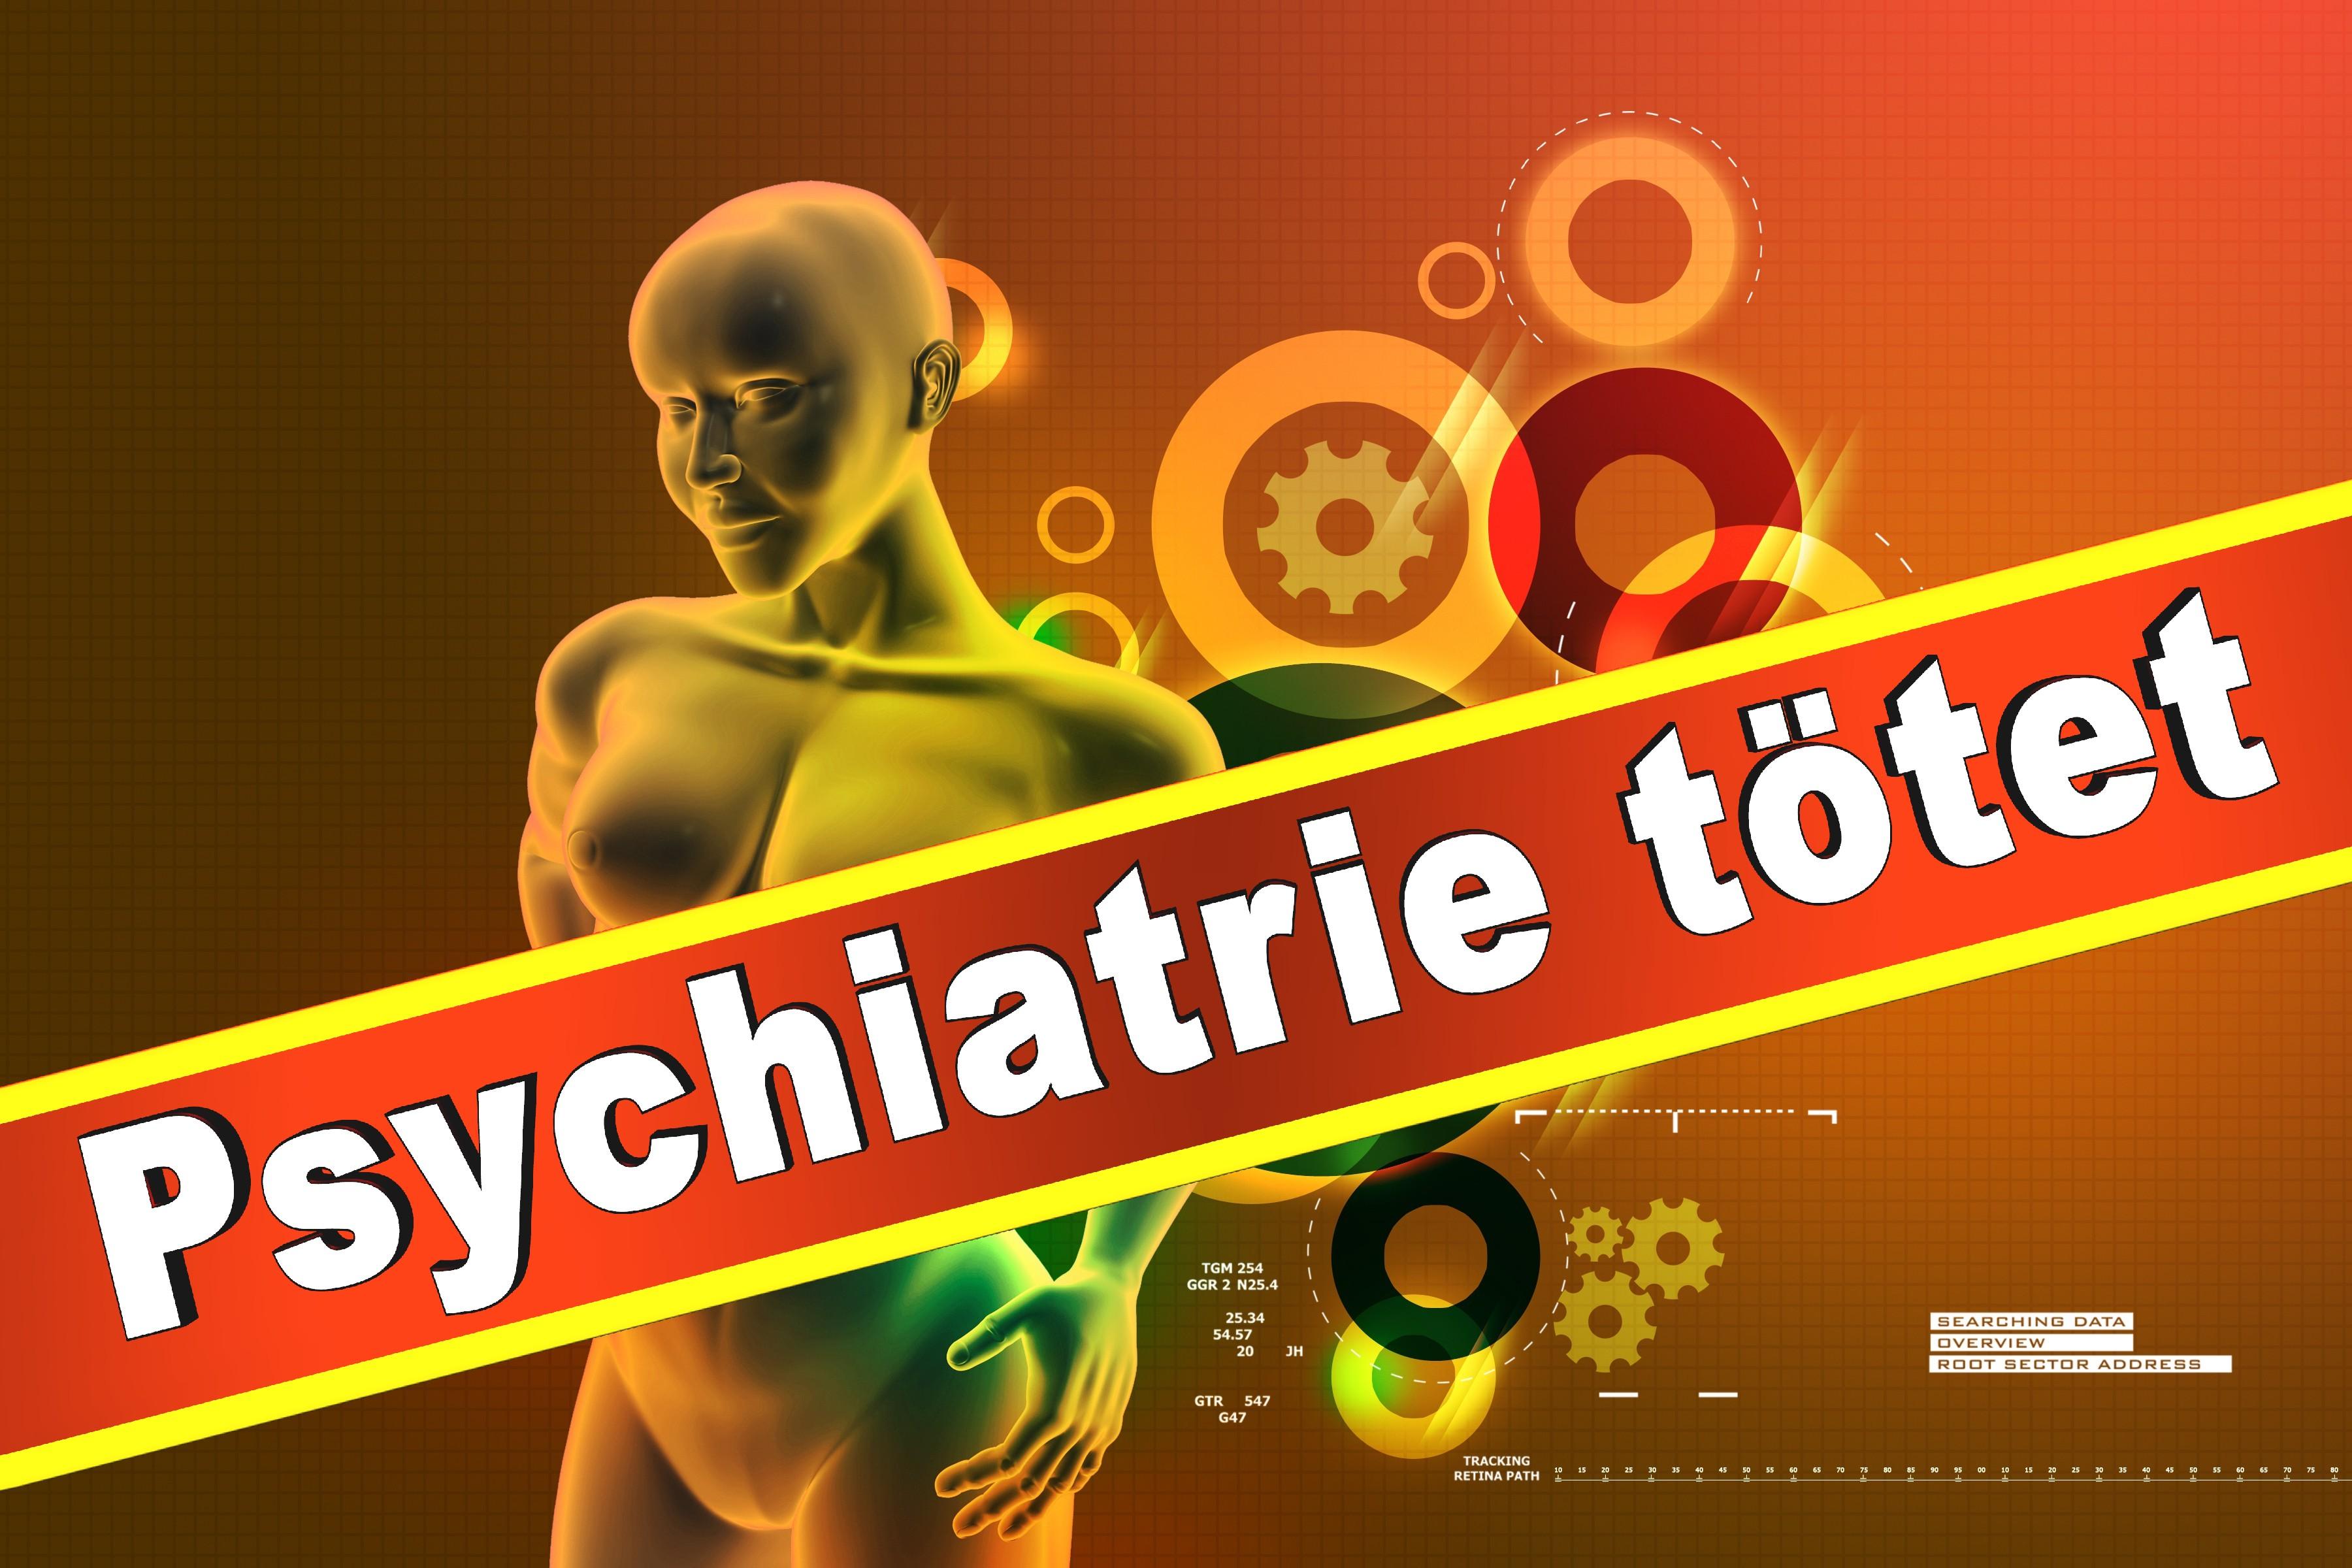 Wielant Machleidt Psychiater Psychotherapeut Professor Praxis Der Interkulturellen Psychiatrie Und Psychotherapie Medizinische Hochschule Hannover Klinik Für Psychiatrie Sozialpsychiatrie (7)